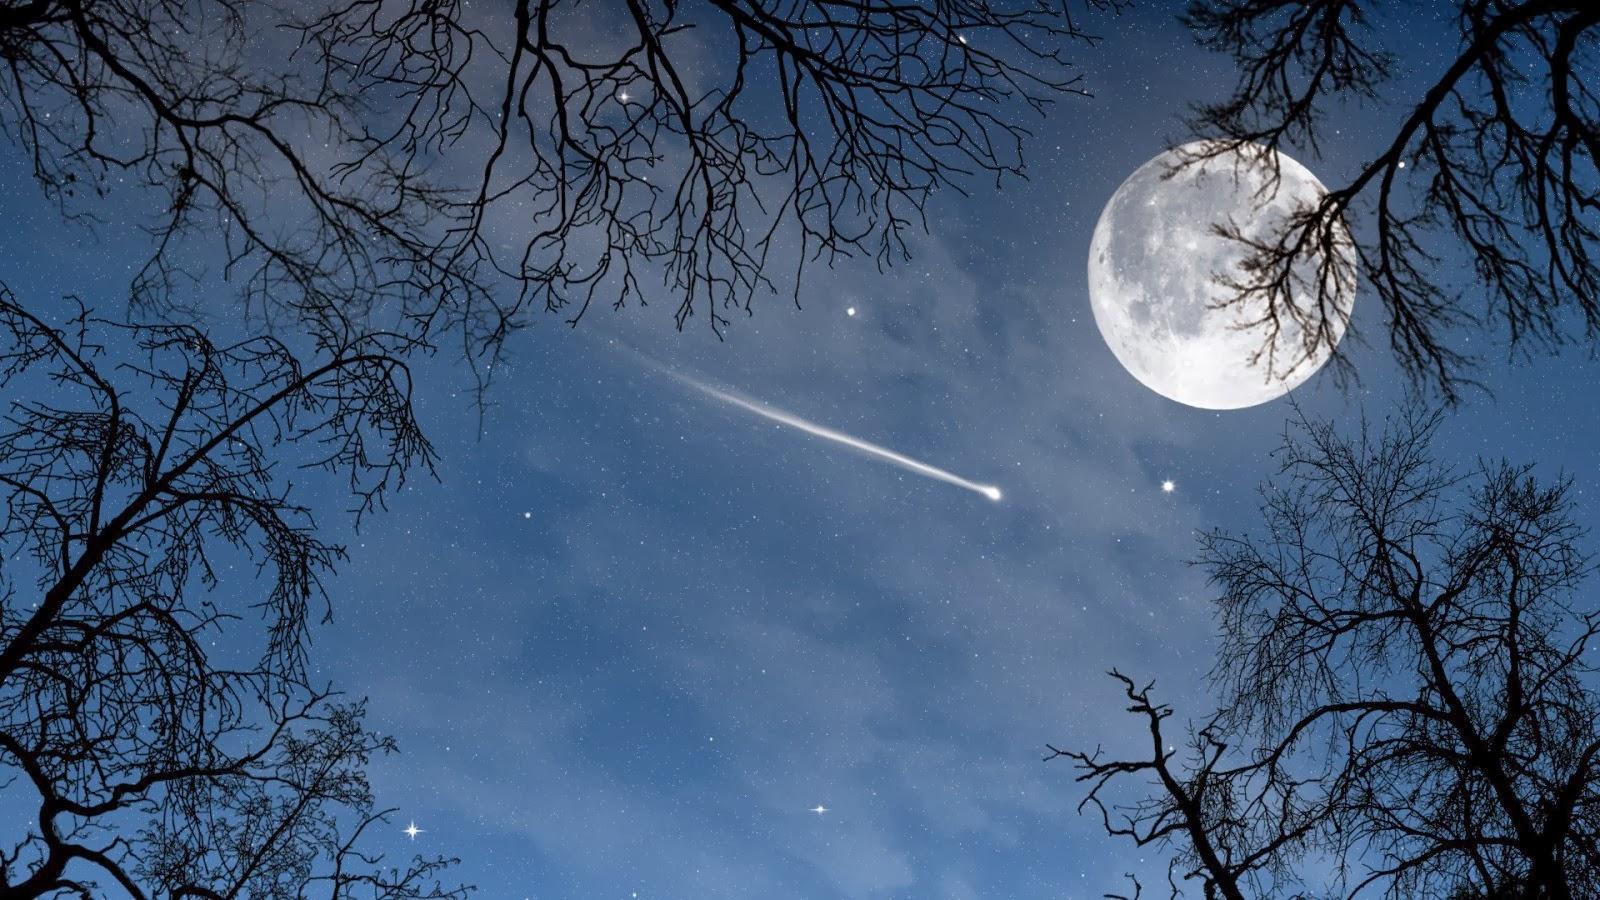 بالصور صور للقمر , اروع الصور الرومانسية للقمر 823 6